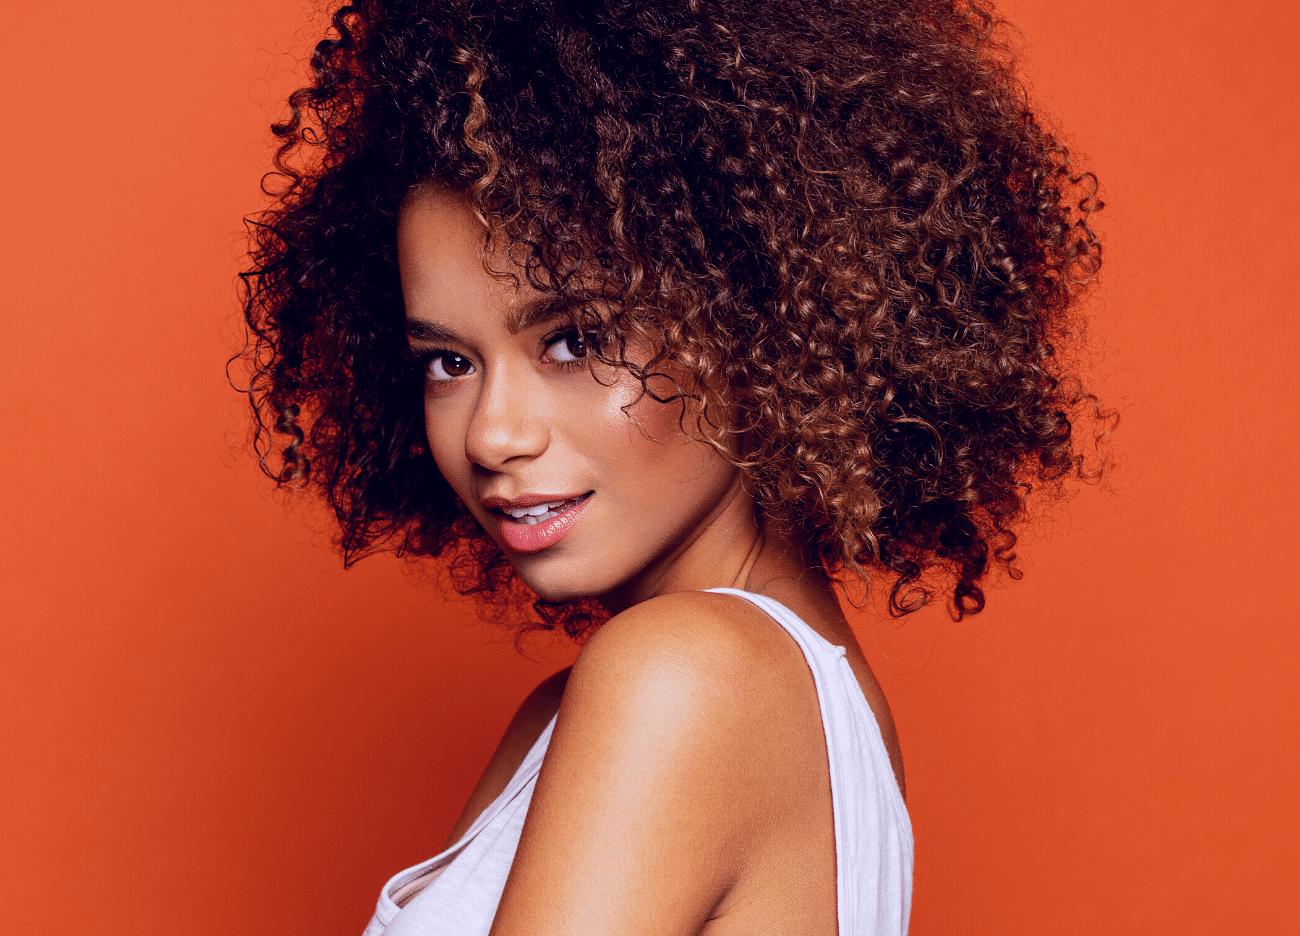 jeune femme sur fond orange